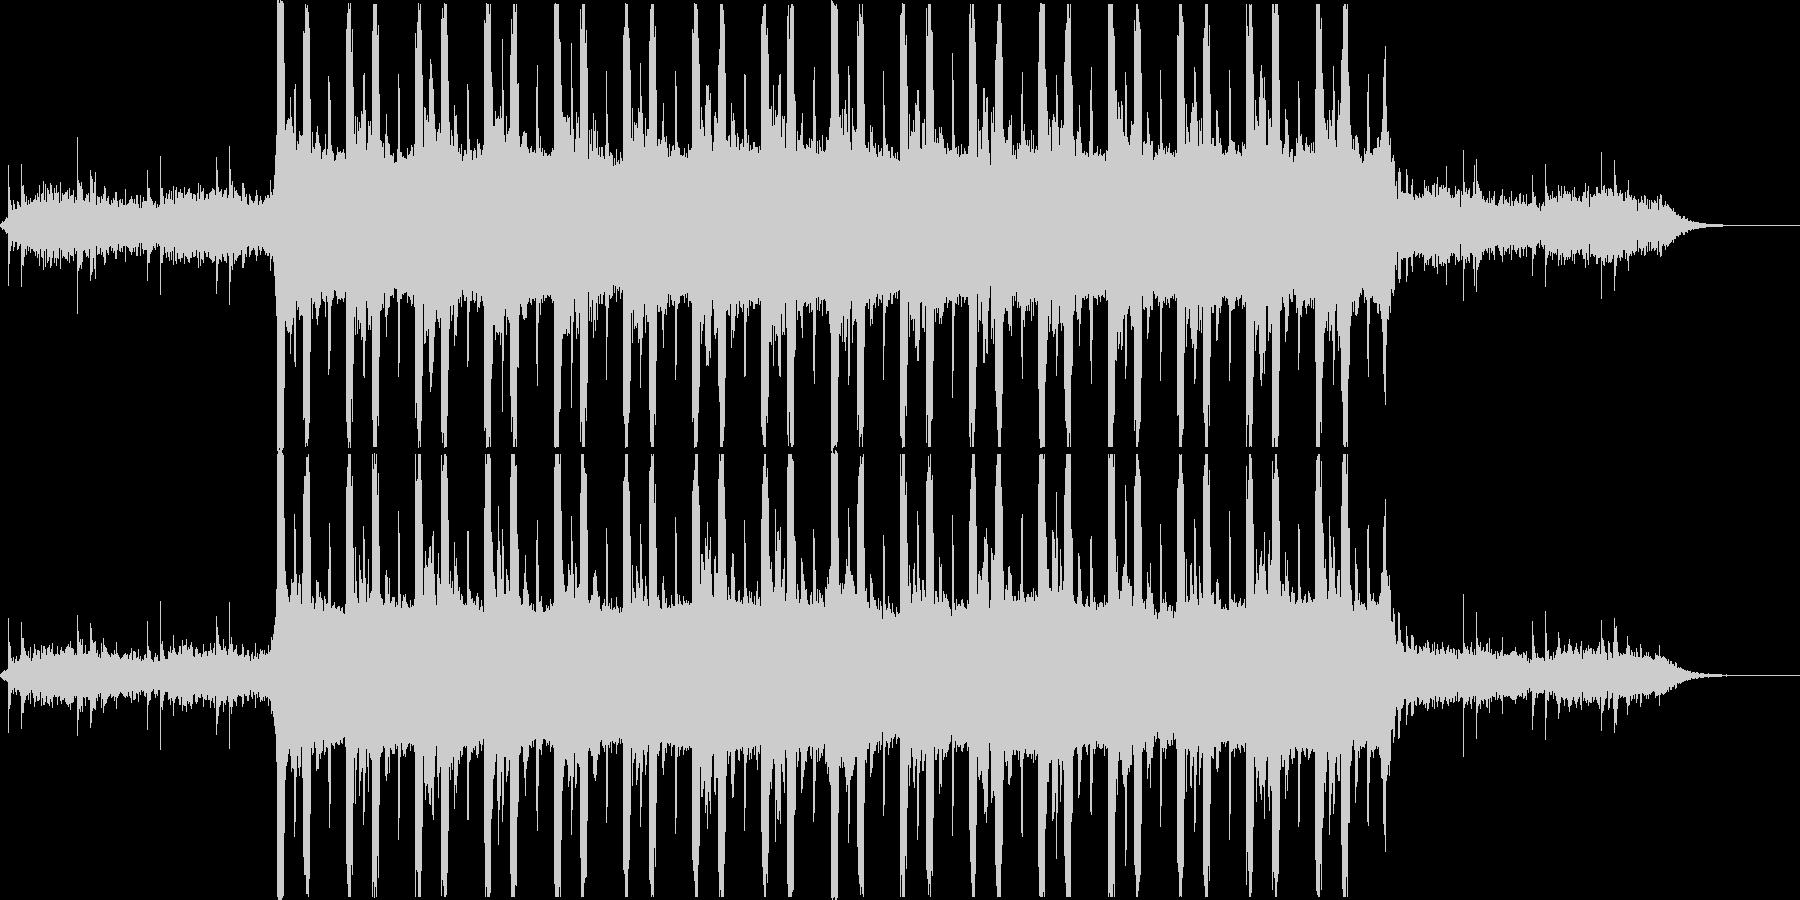 クールでエレクトロでパワフルなビートの未再生の波形